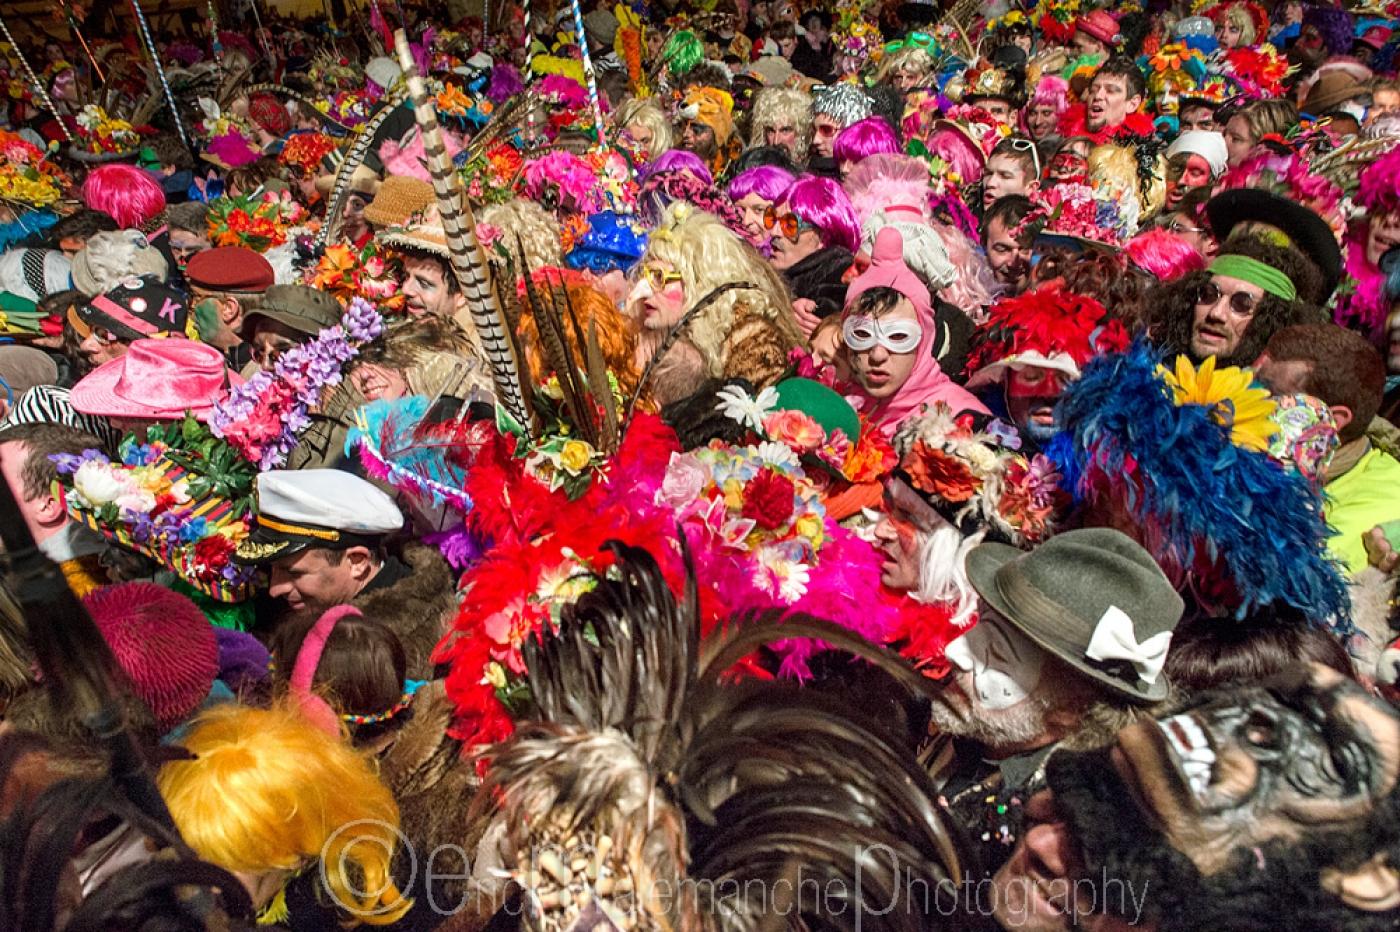 https://www.ericmalemanche.com/imagess/topics/carnaval-de-dunkerque/liste/Carnaval-Dunkerque-6476.jpg